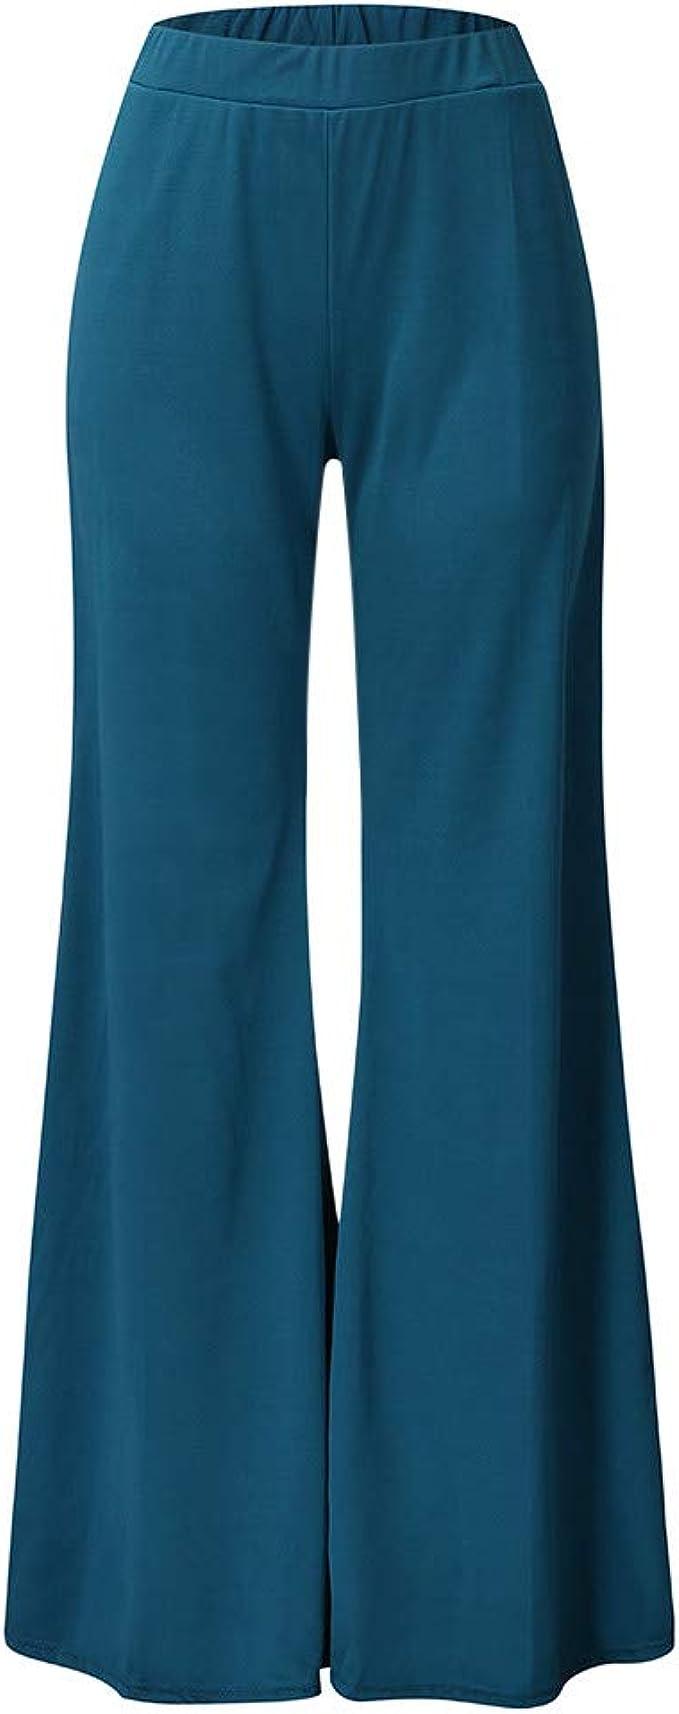 beautyjourney Pantalones Palazzo Elegantes para Mujer Pantalón ...